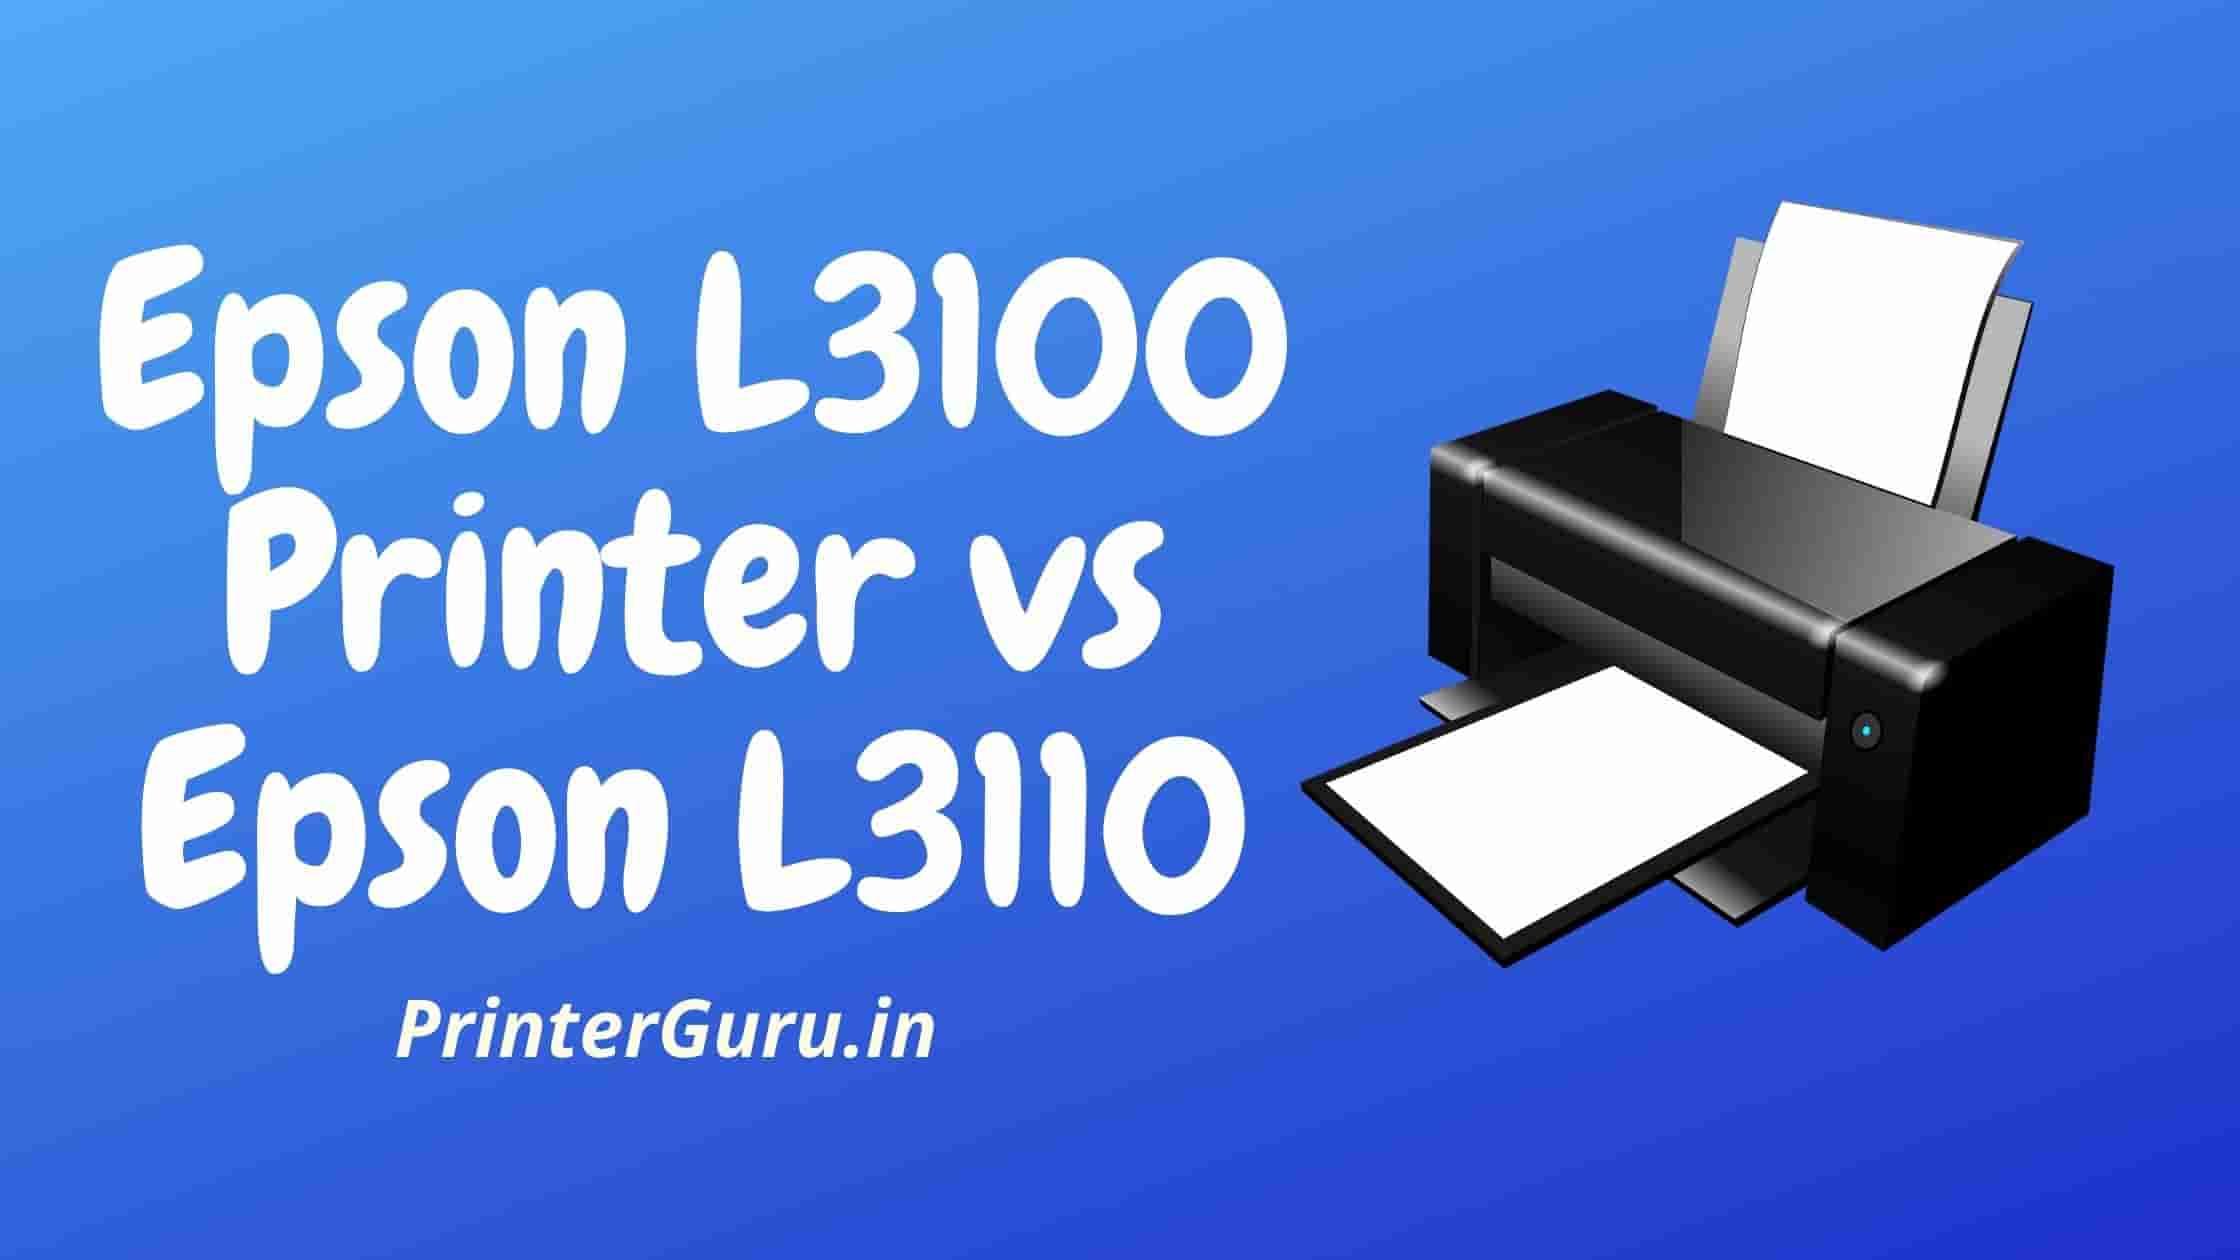 Epson L3100 Printer vs Epson L3110